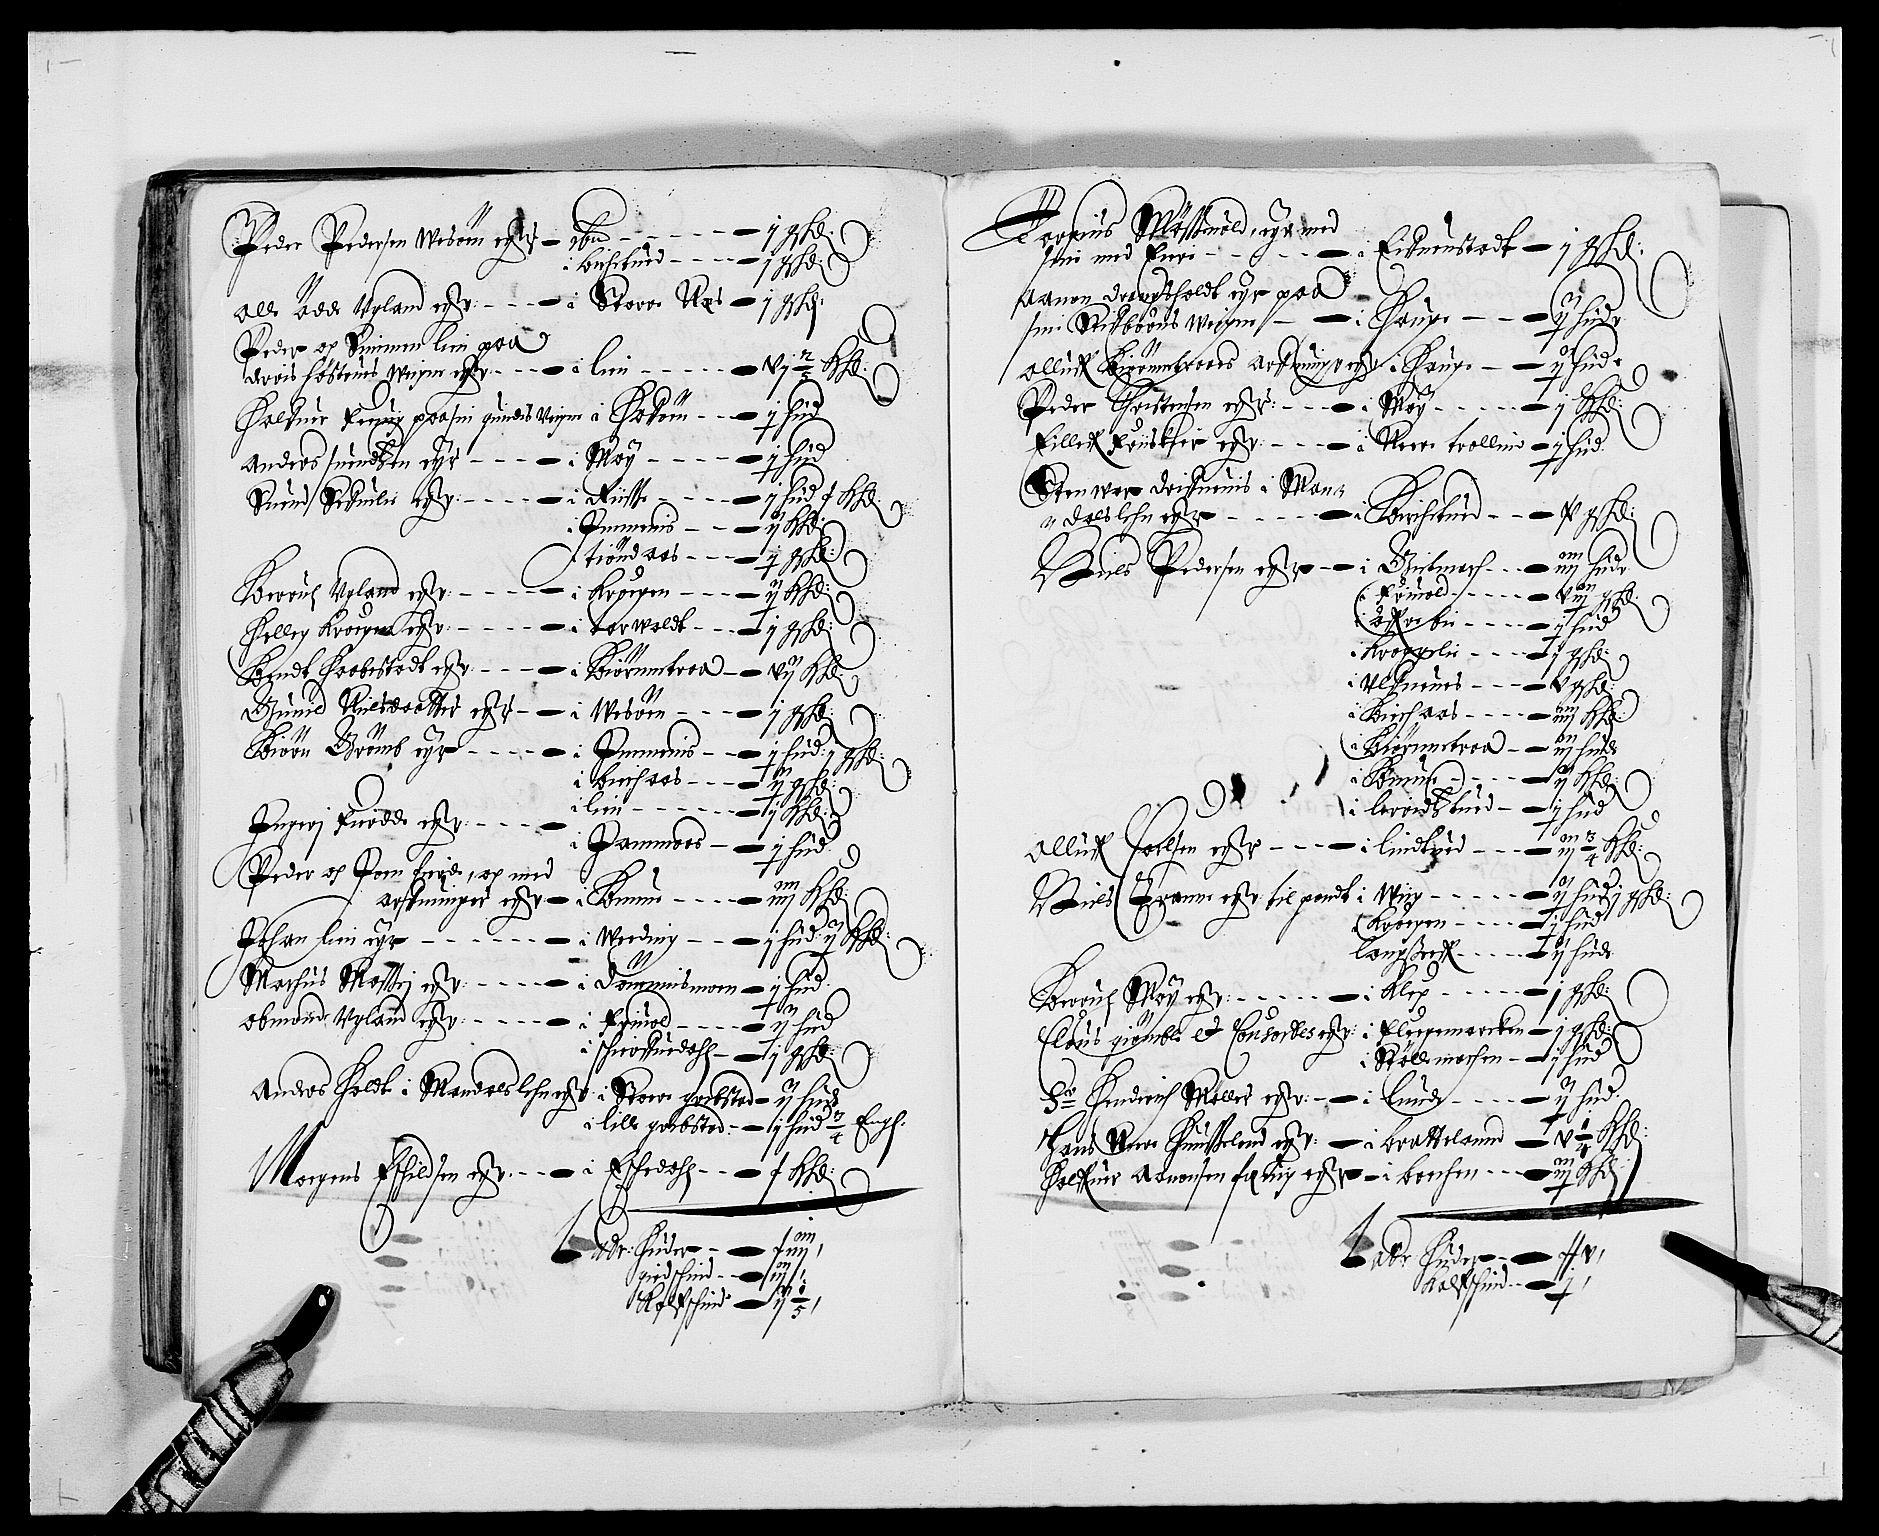 RA, Rentekammeret inntil 1814, Reviderte regnskaper, Fogderegnskap, R39/L2297: Fogderegnskap Nedenes, 1667-1669, s. 285